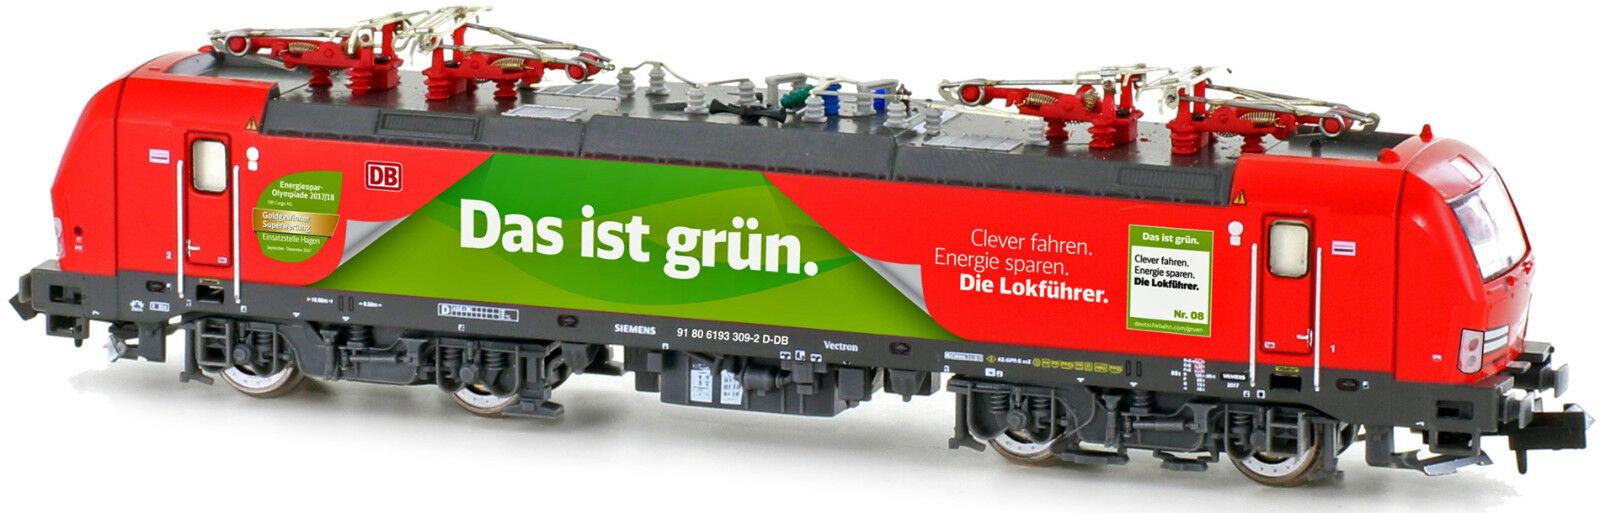 Hobbytrain 2996s Digital Sound br193 Vectron DB Cargo,  questo è verde  Novità